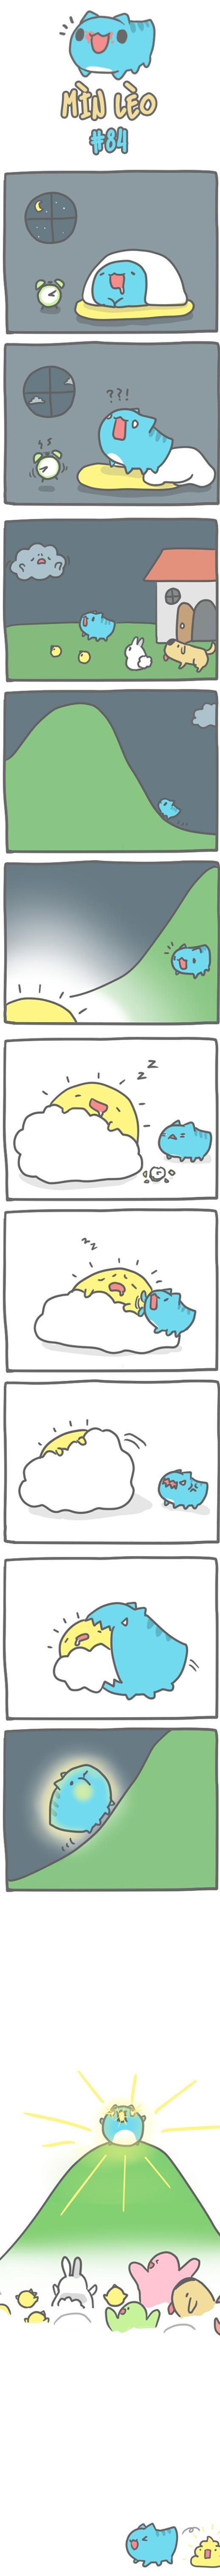 Truyện Mìn Lèo #84: Mặt trời mê ngủ